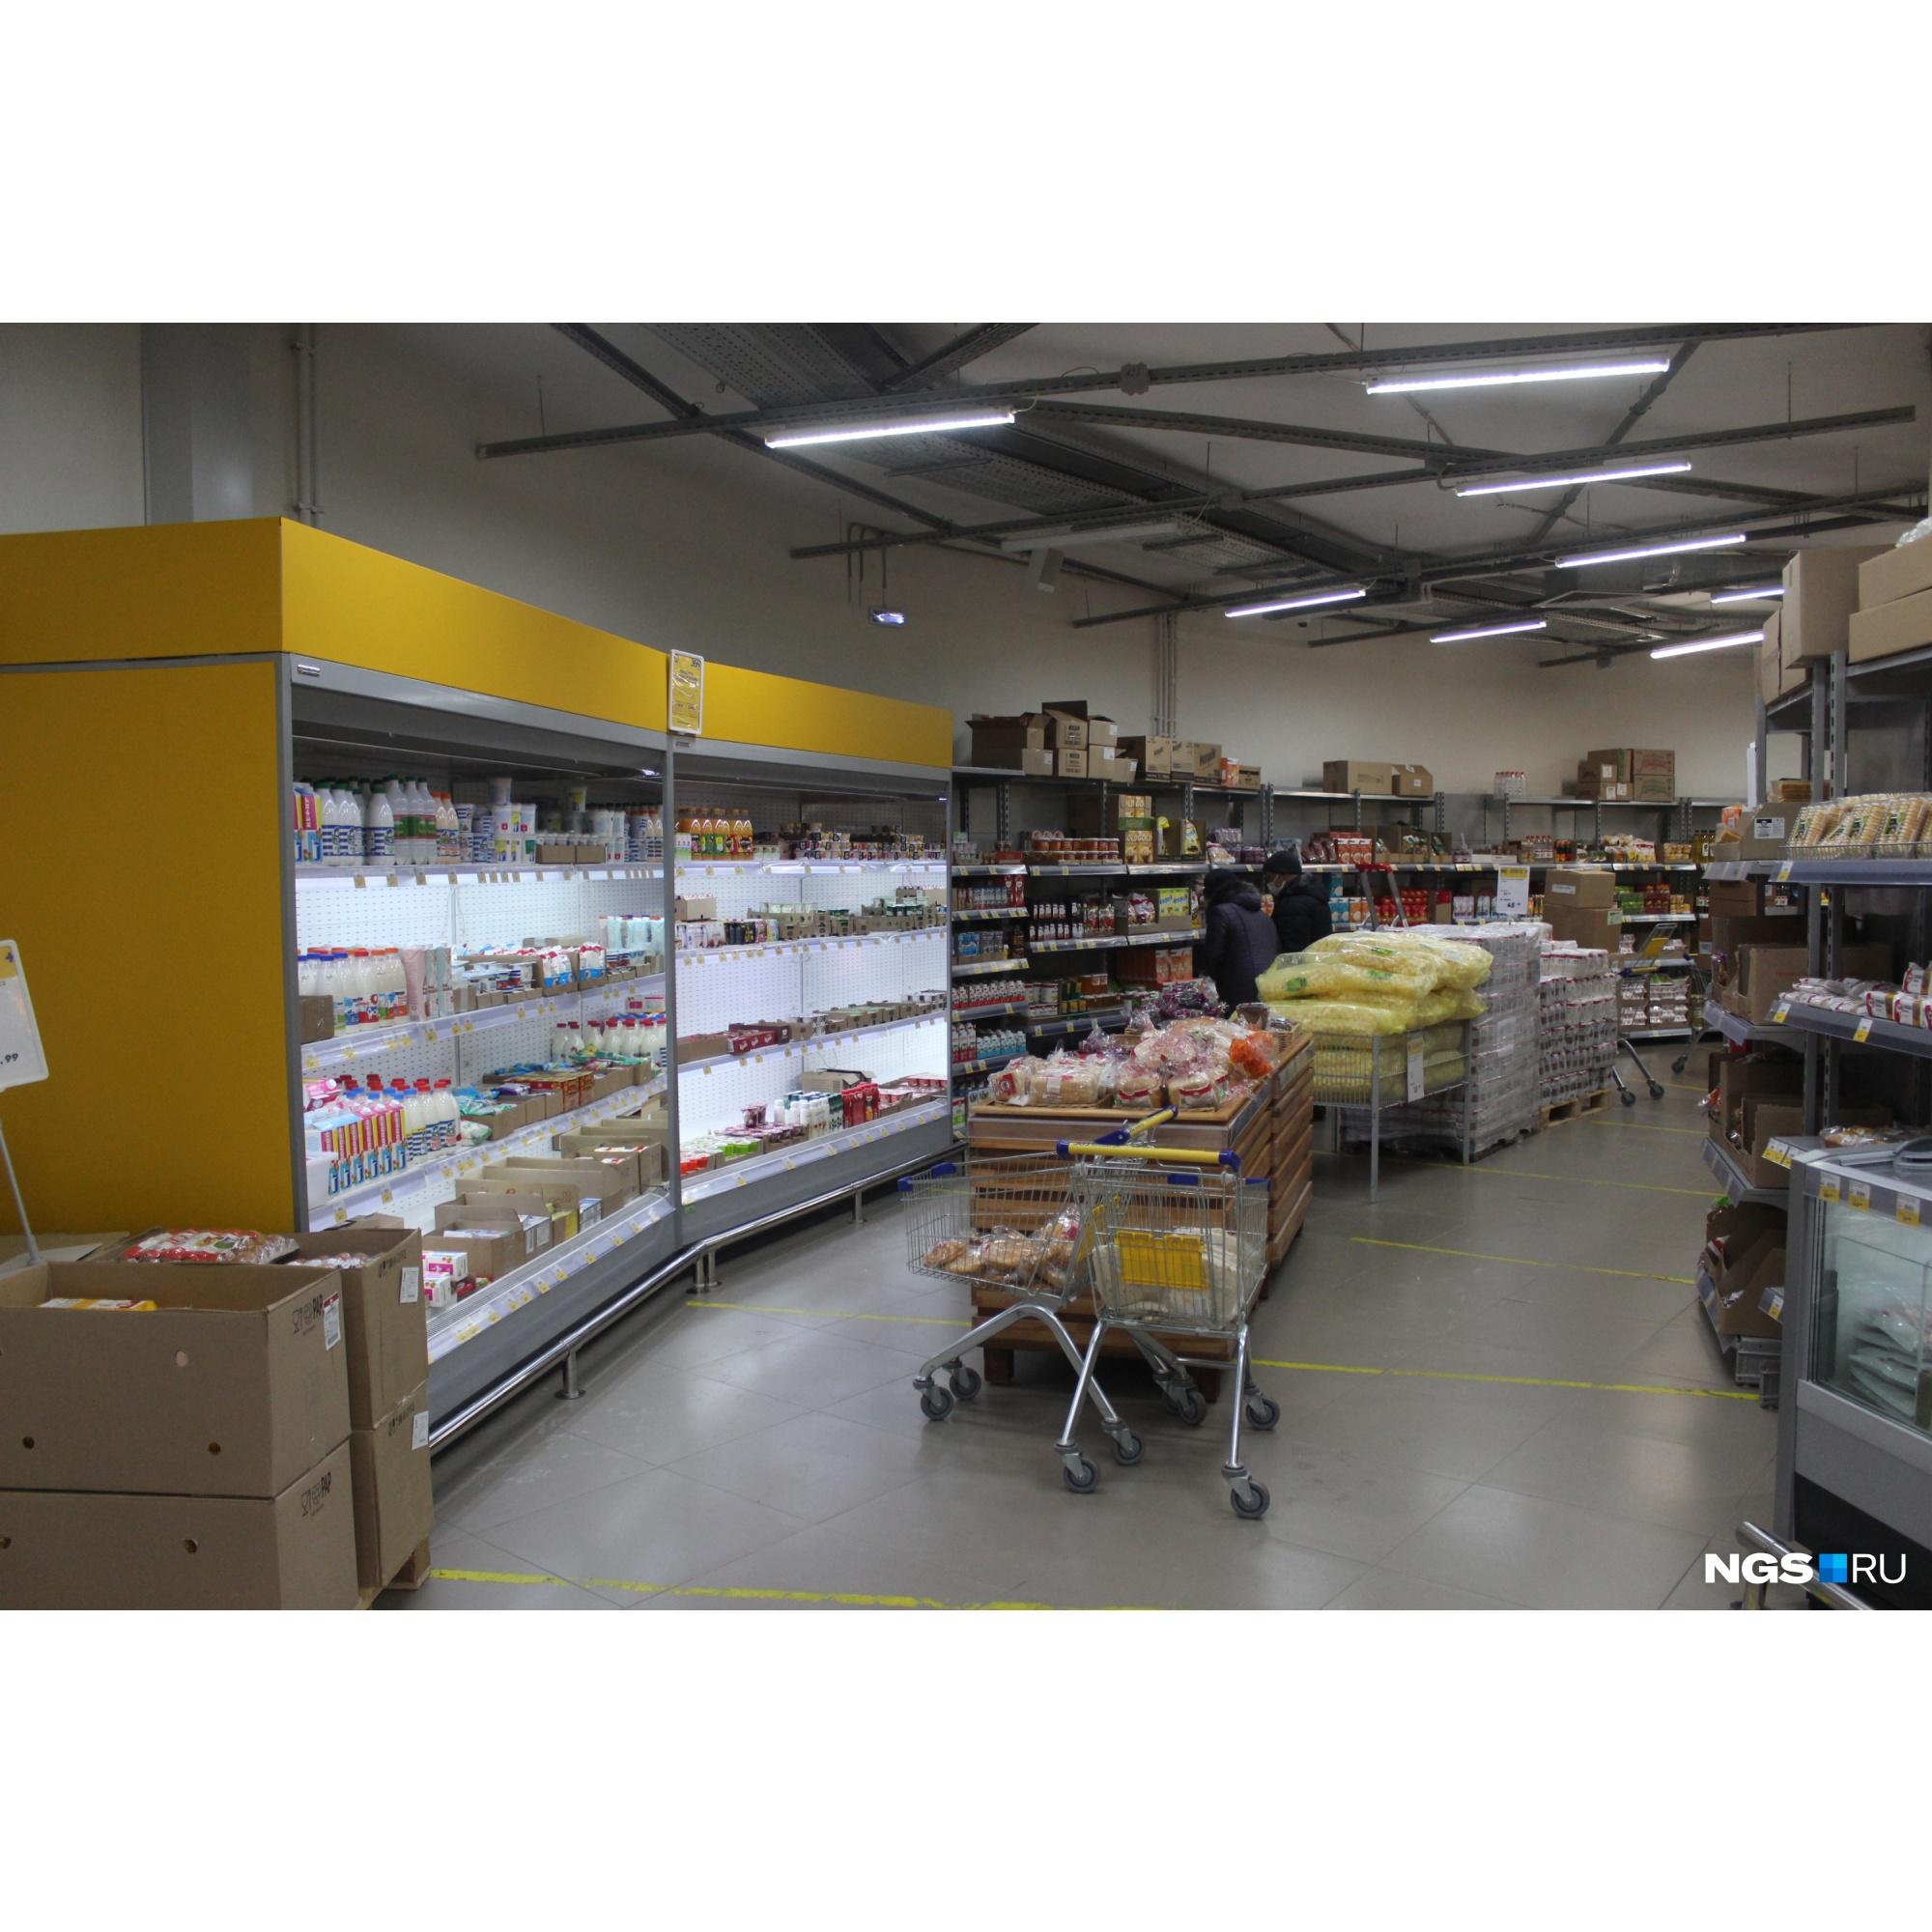 Внутри магазин не очень изменился, исчезла только часть товаров